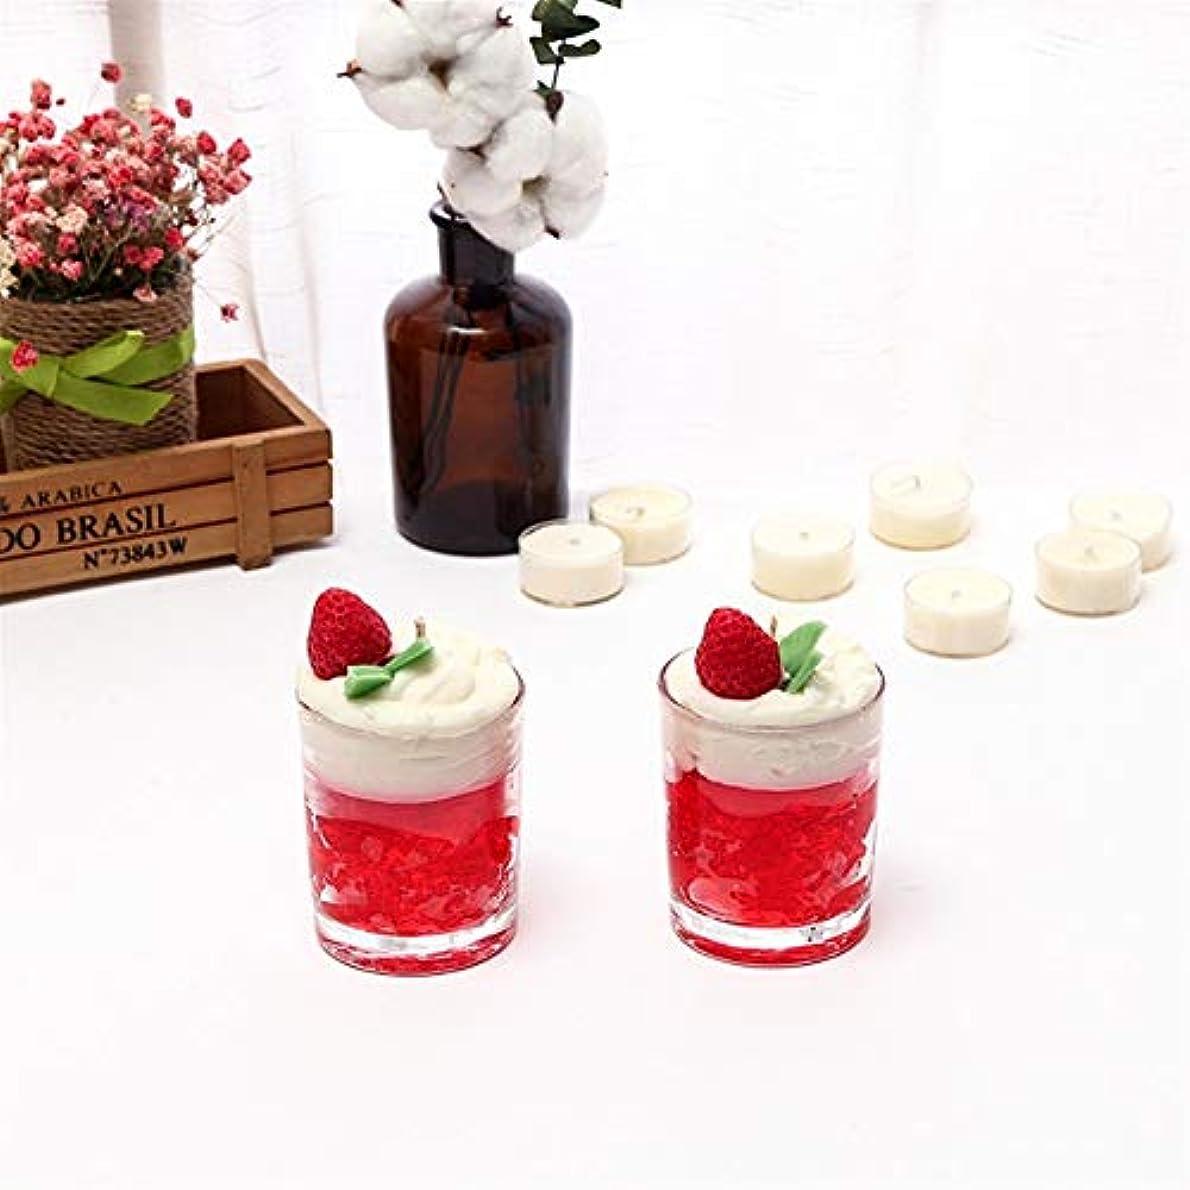 生命体最大工業化するZtian アイスクリームキャンドルシンプルなガラス瓶アロマセラピーガラスカップ無毒な環境保護 (色 : Marriage)